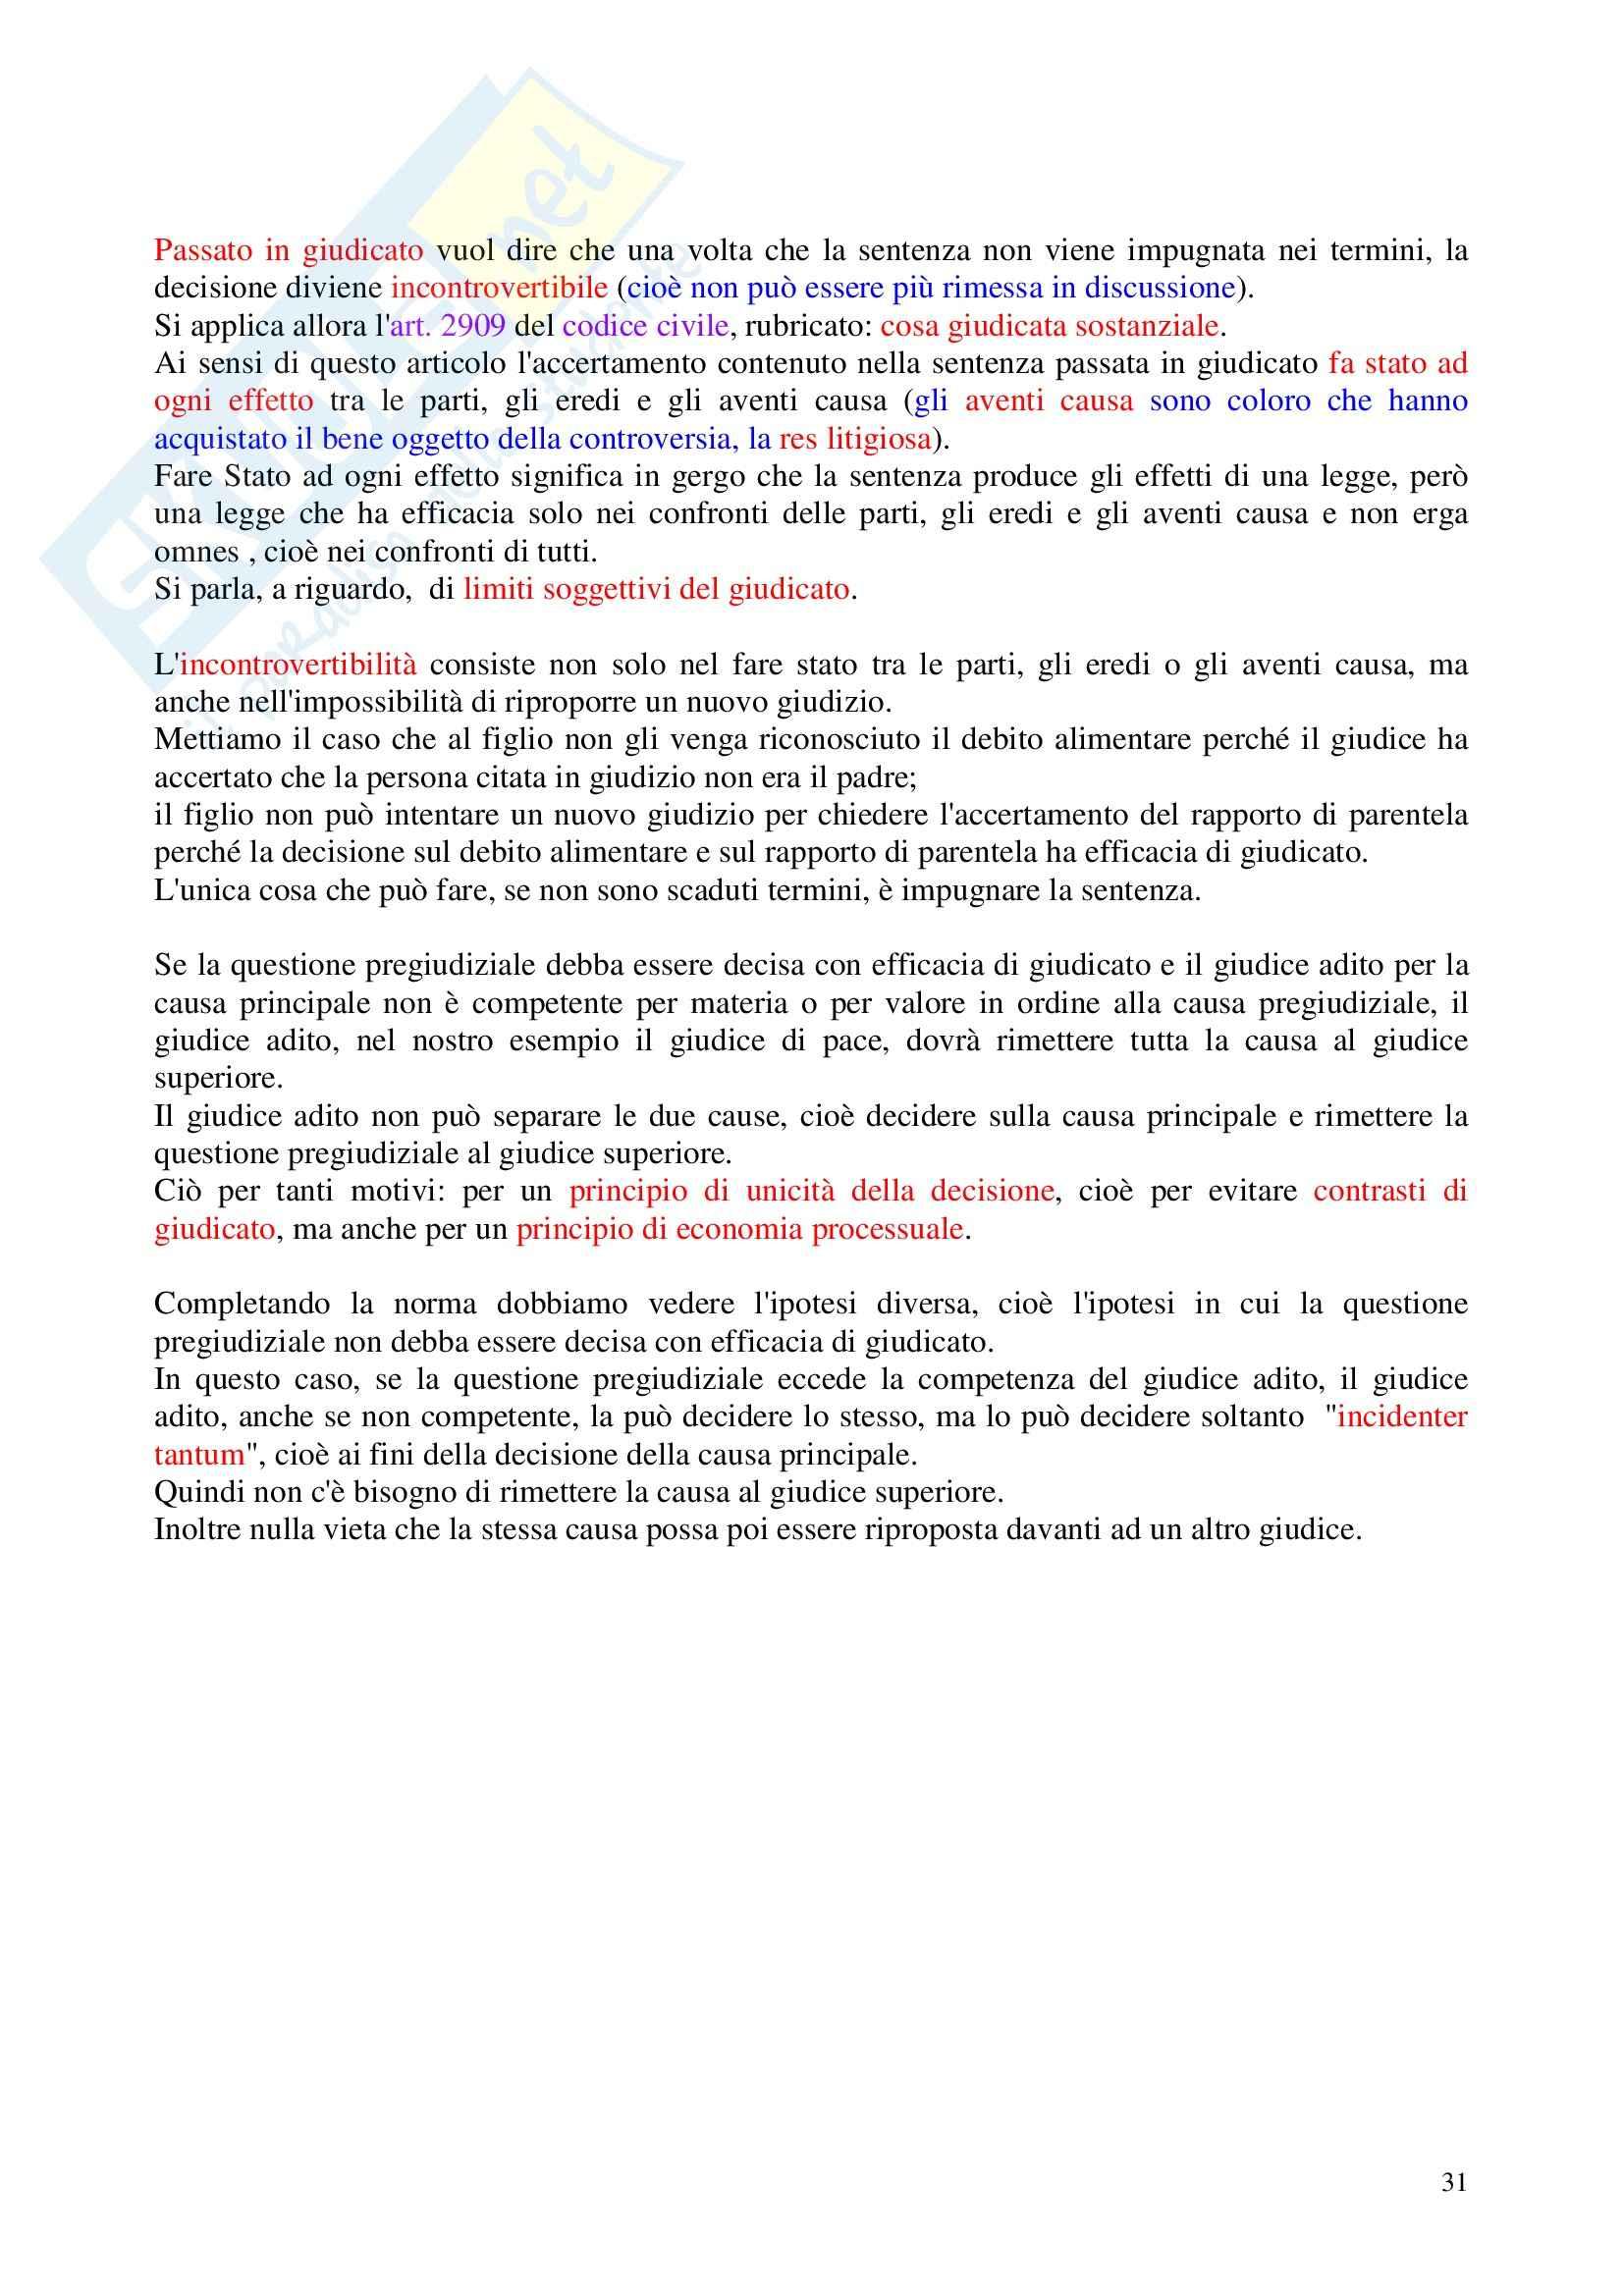 Diritto processuale civile - Appunti Pag. 31